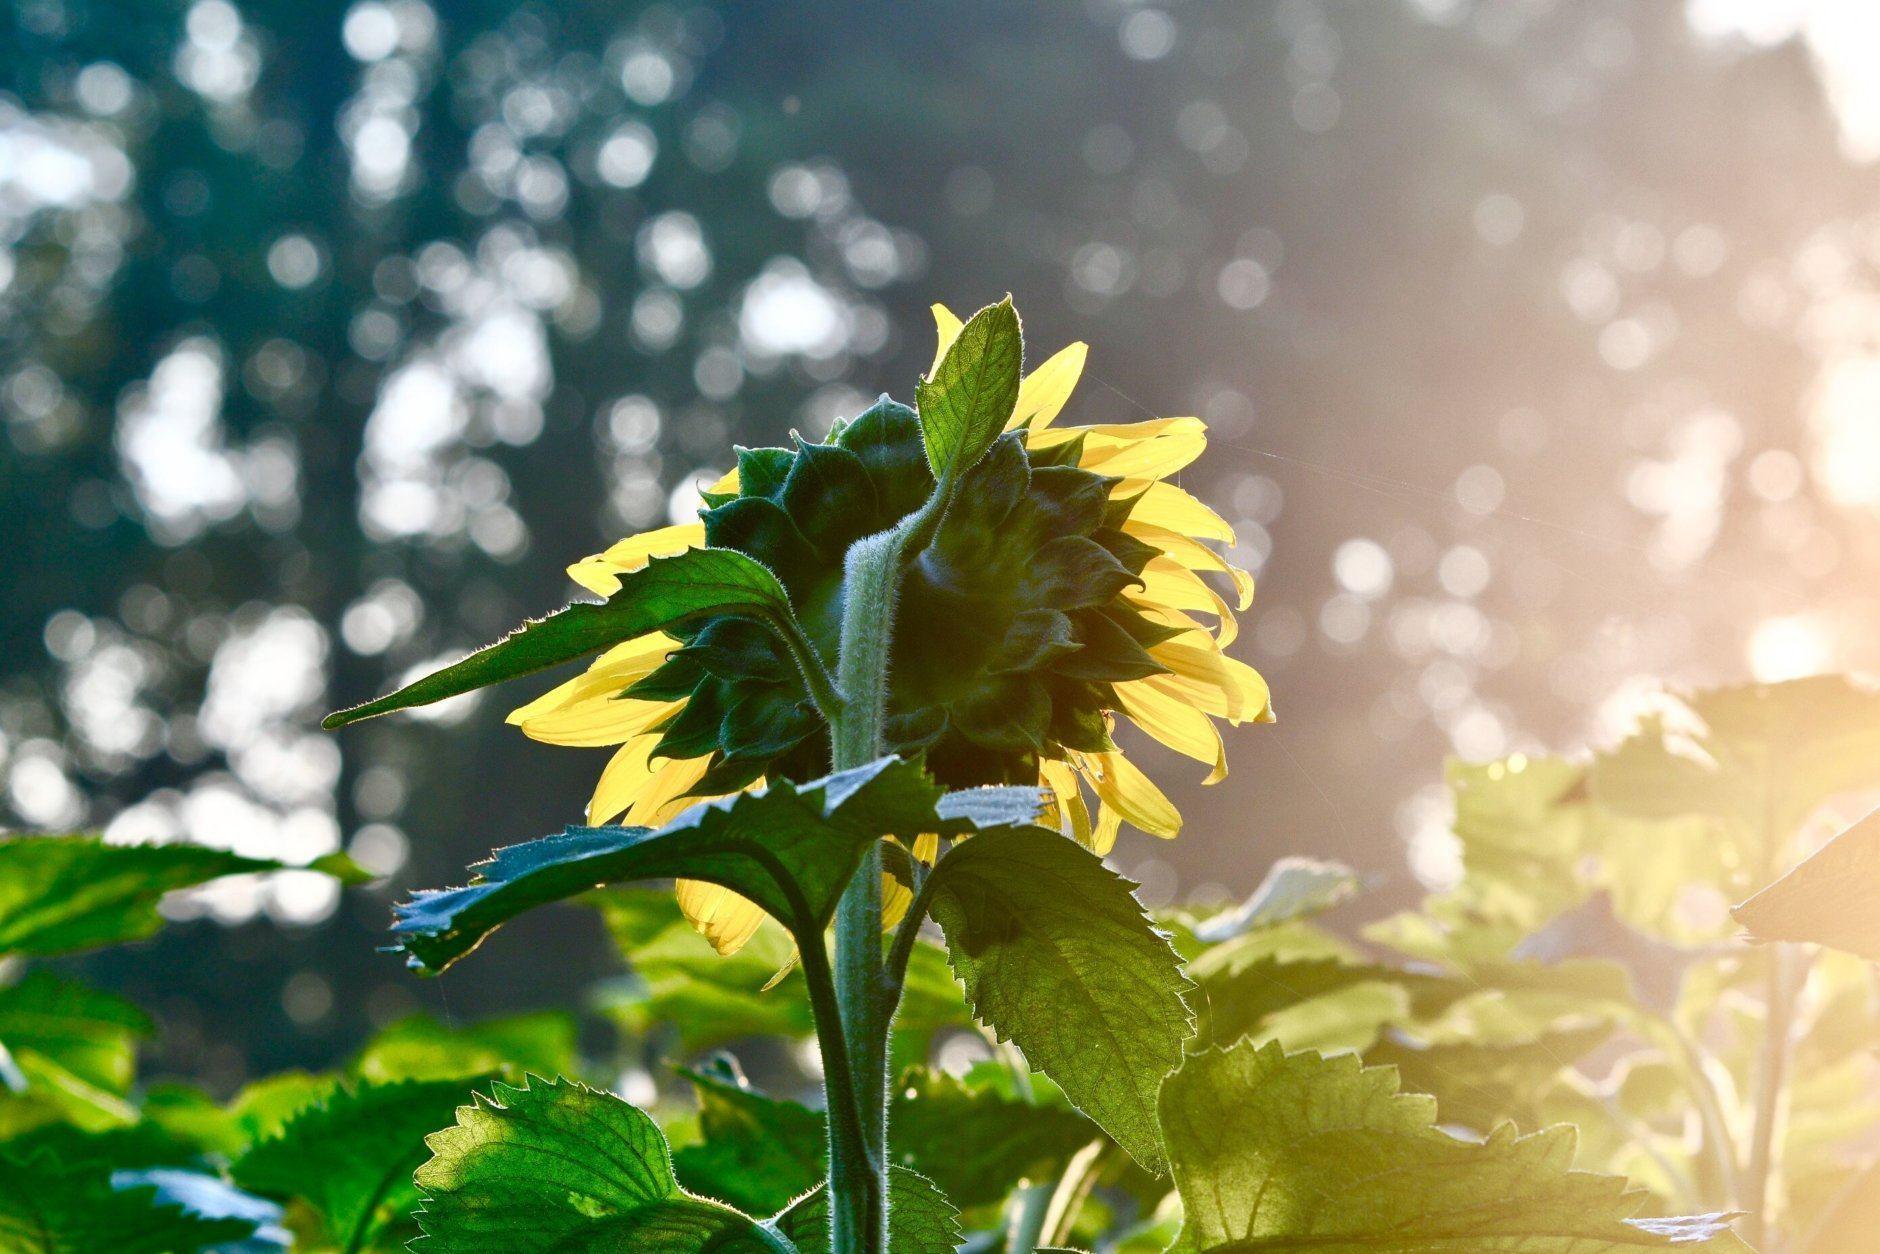 A sunflower in field